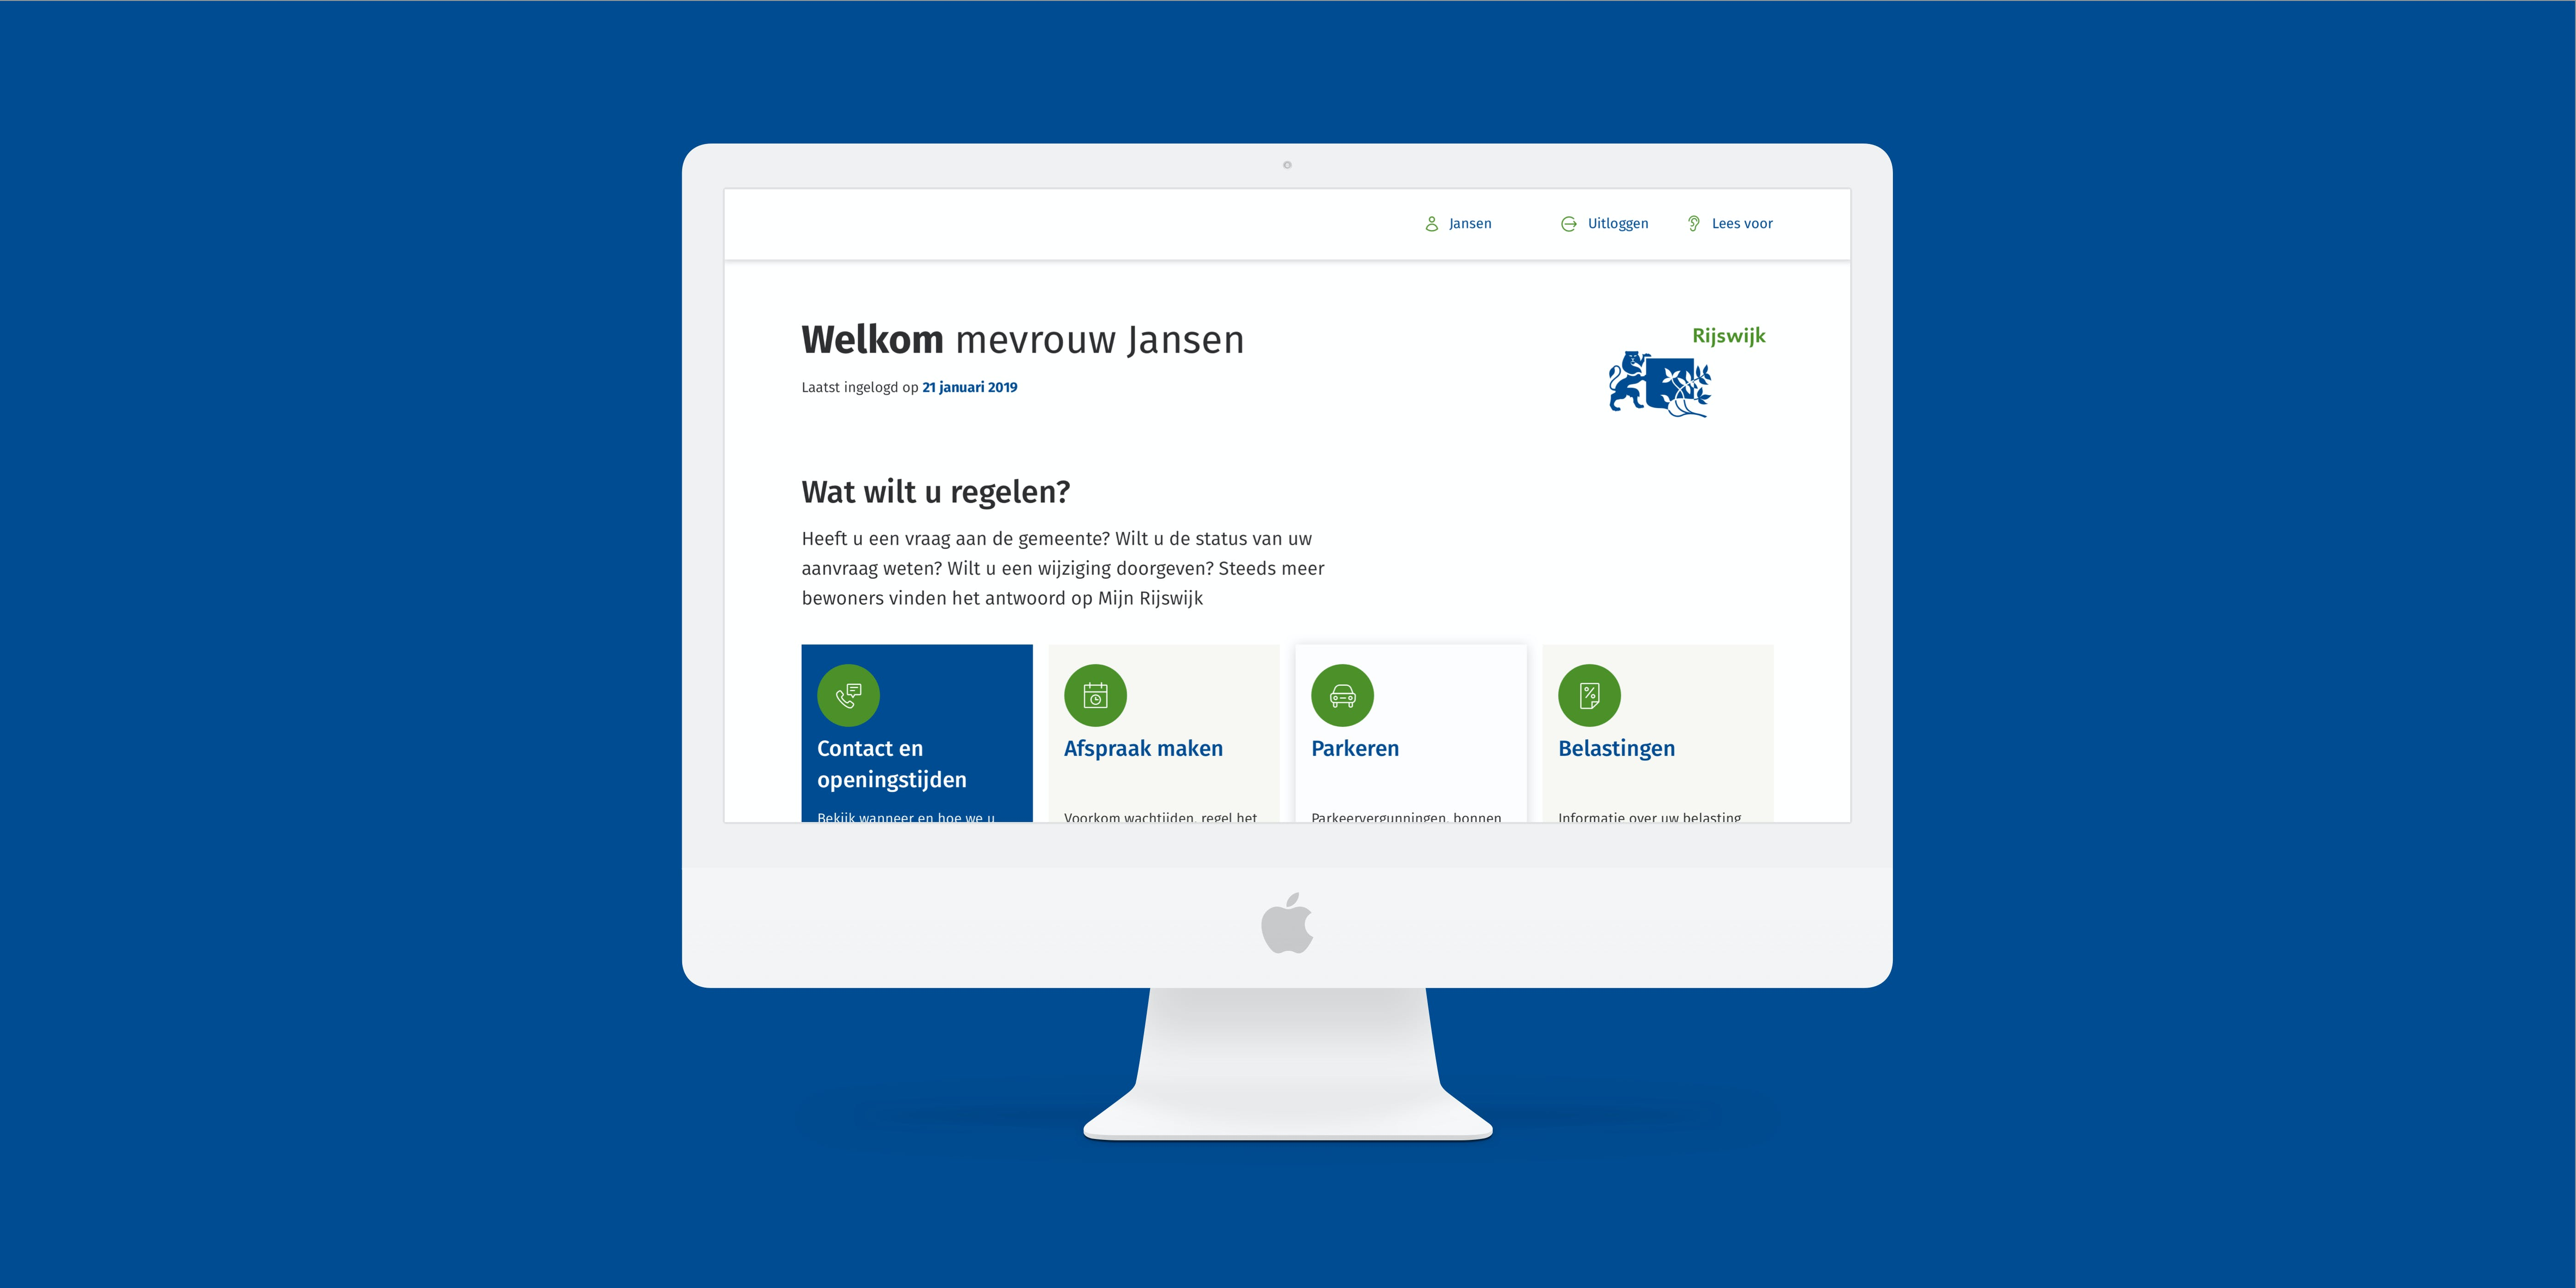 Self-Service portal voor de Gemeente Rijswijk